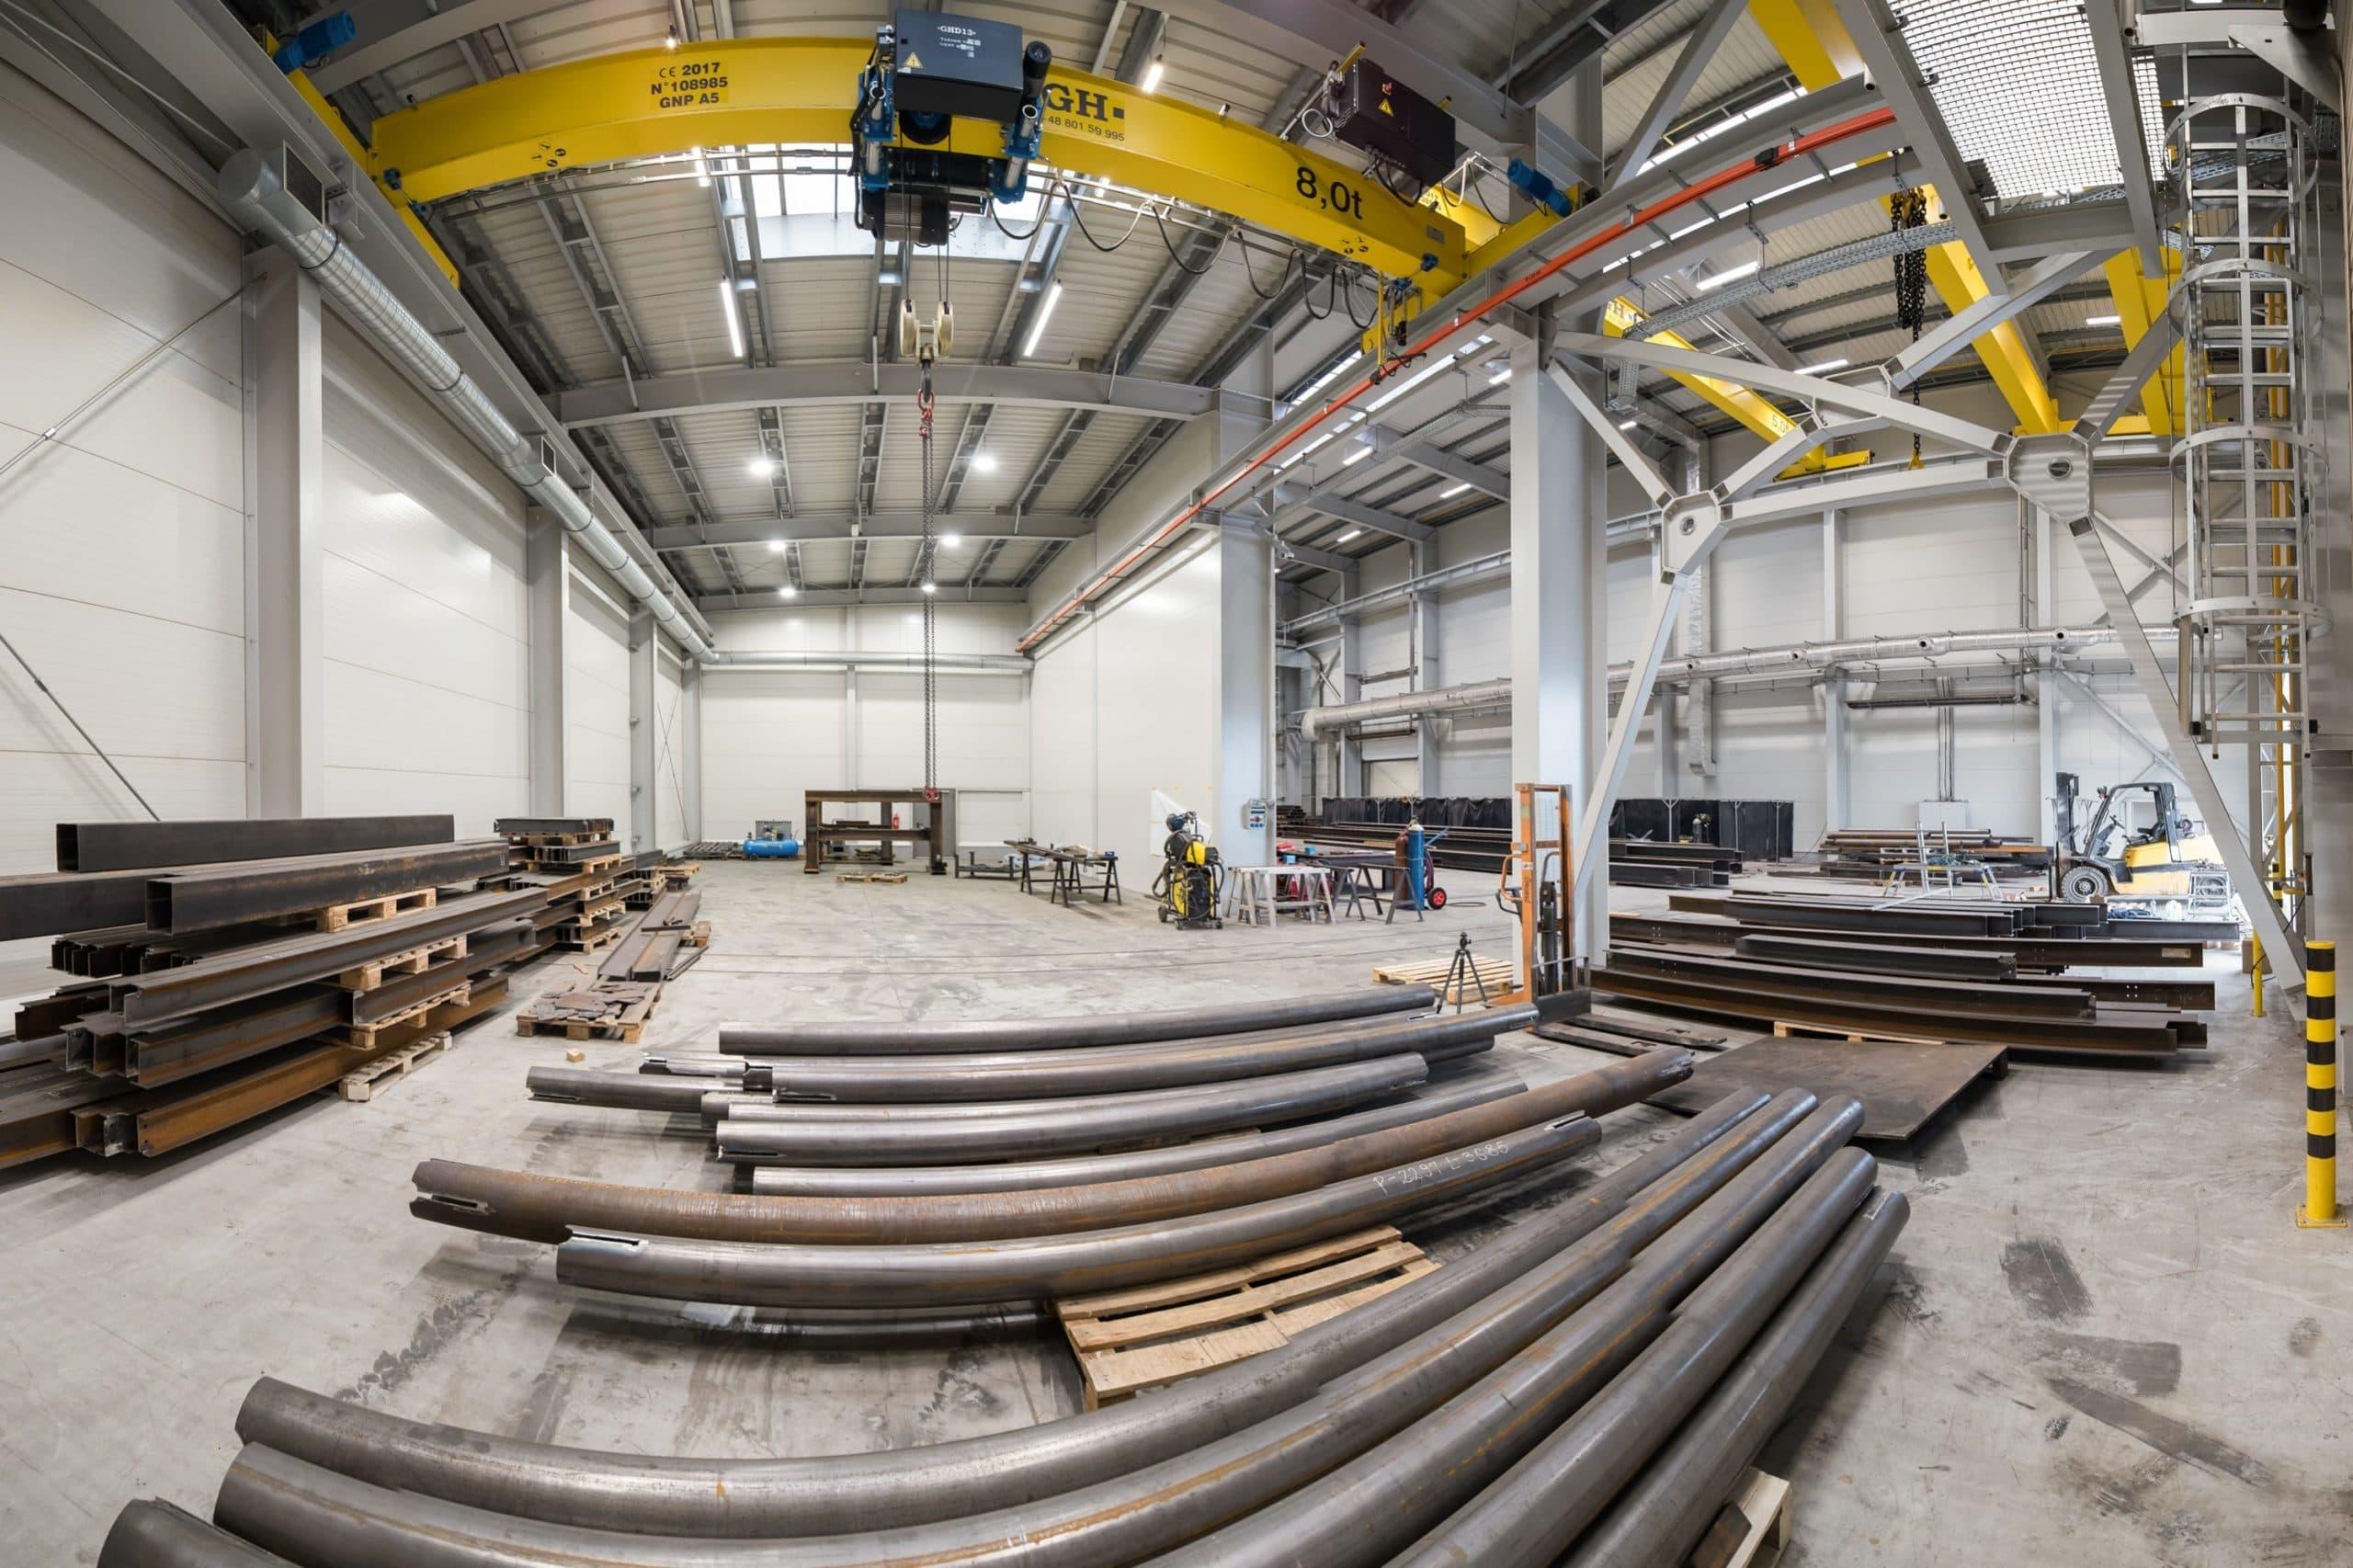 Oprawy przemysłowe Highbay i Industrial w zakładzie produkcyjnym firmy Buttimer - Luxon LED